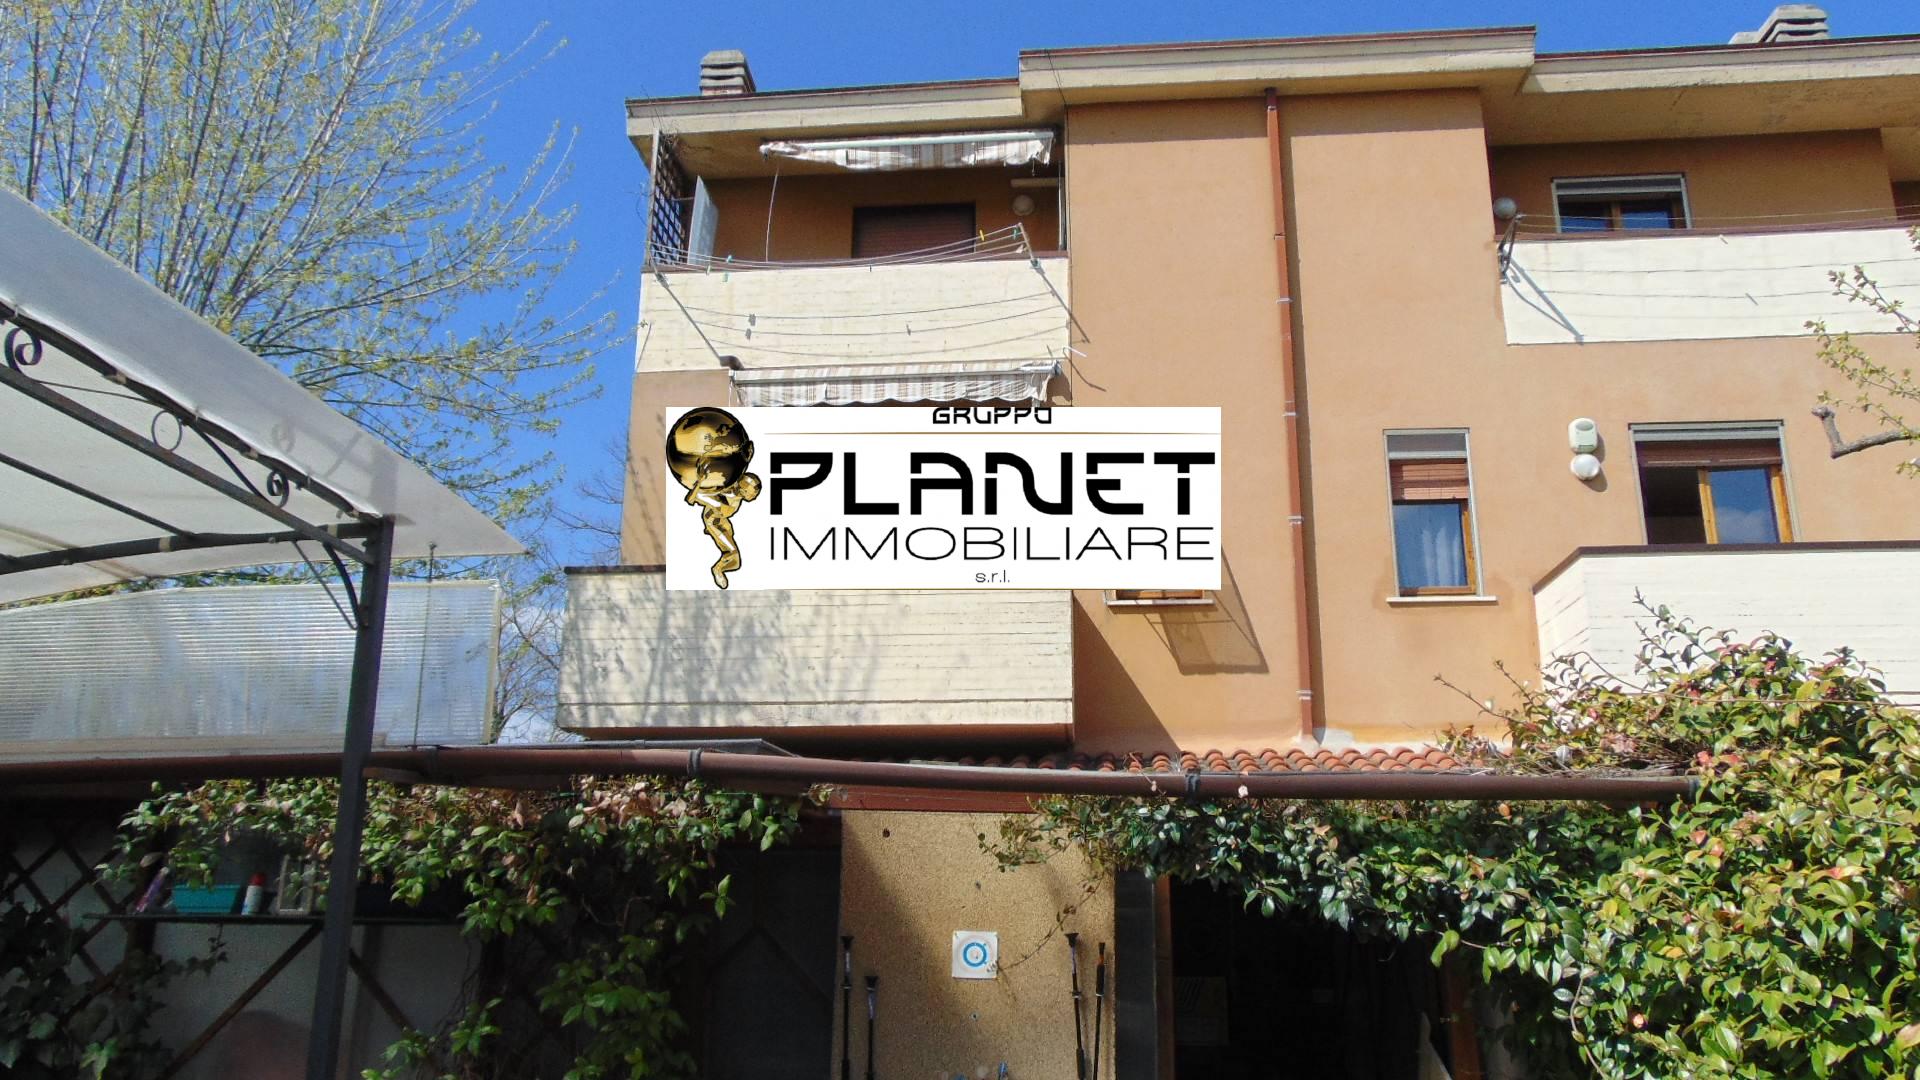 arezzo vendita quart: arezzo gruppo planet immobiliare s.r.l.